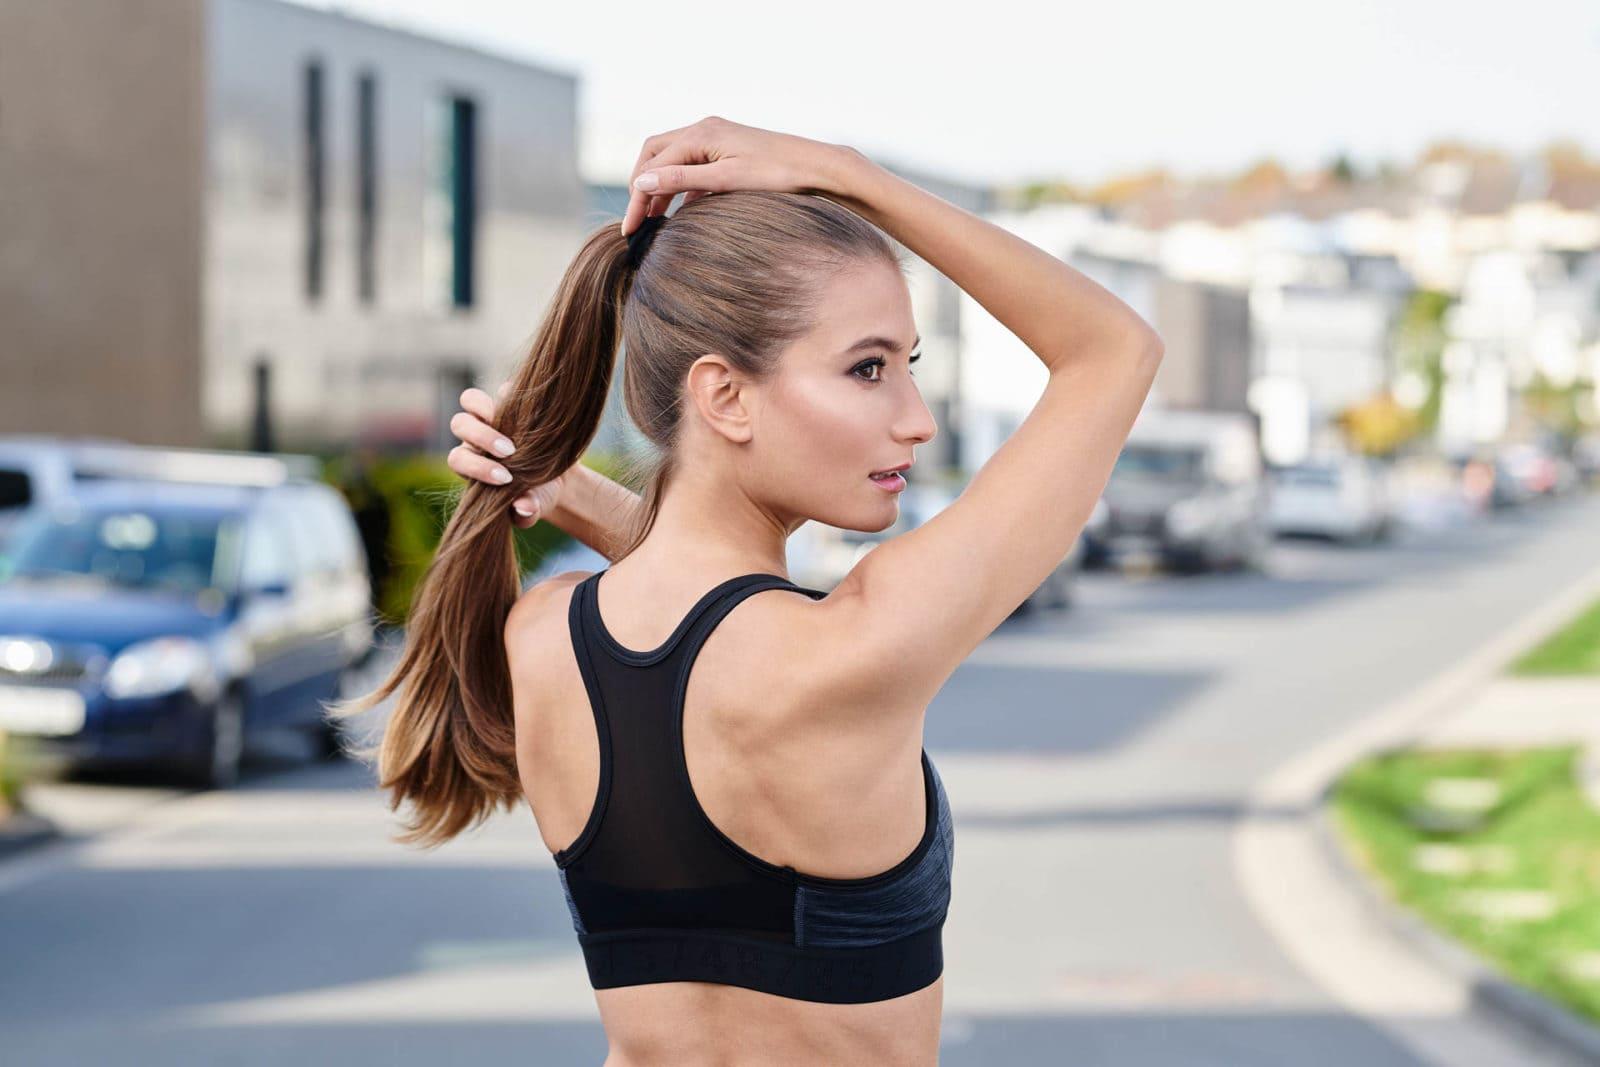 Modelshooting in Dortmund Sport Rücken Porträt